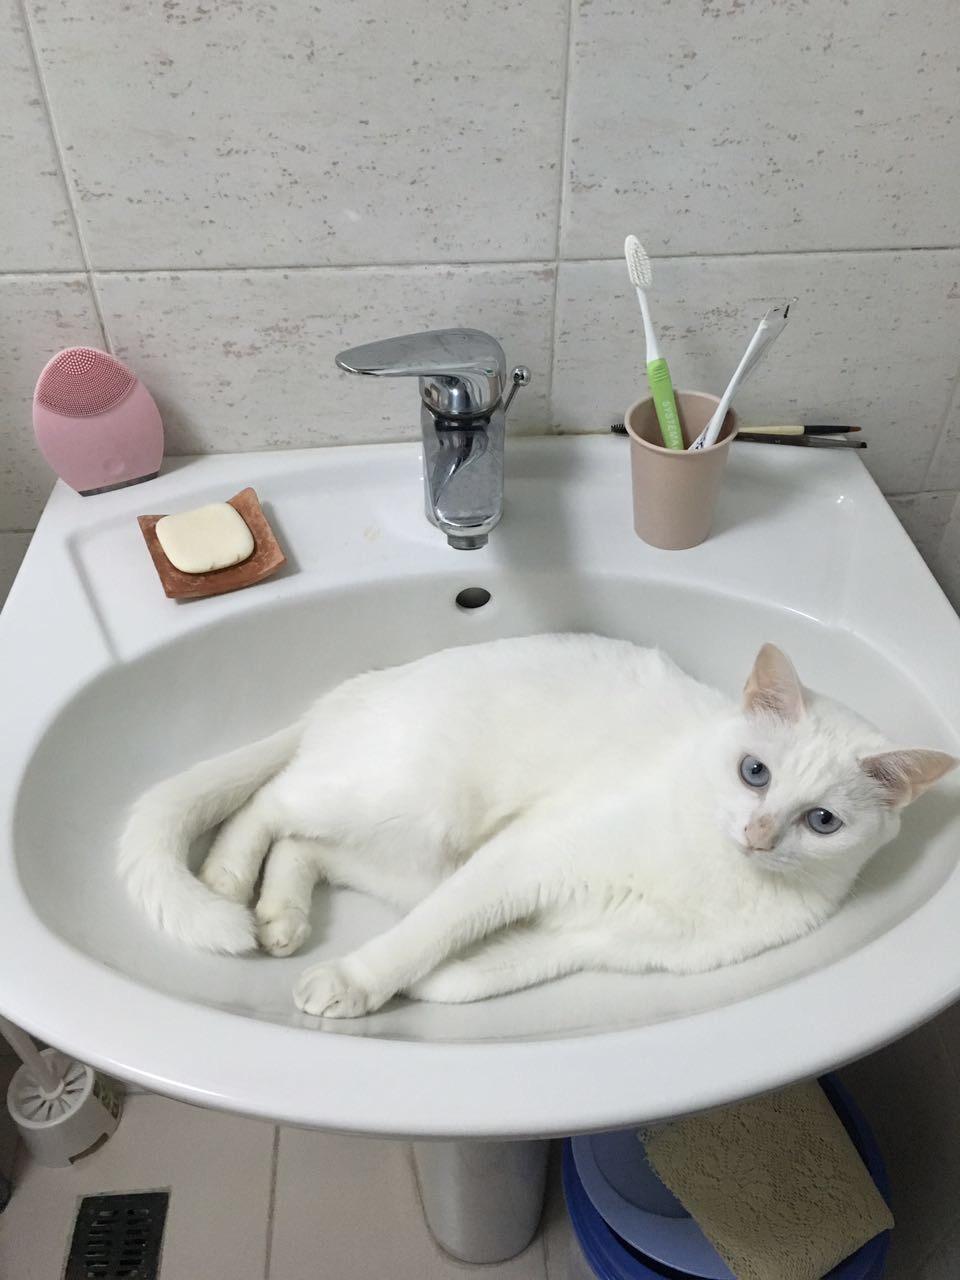 猫咪在地上蹭屁股